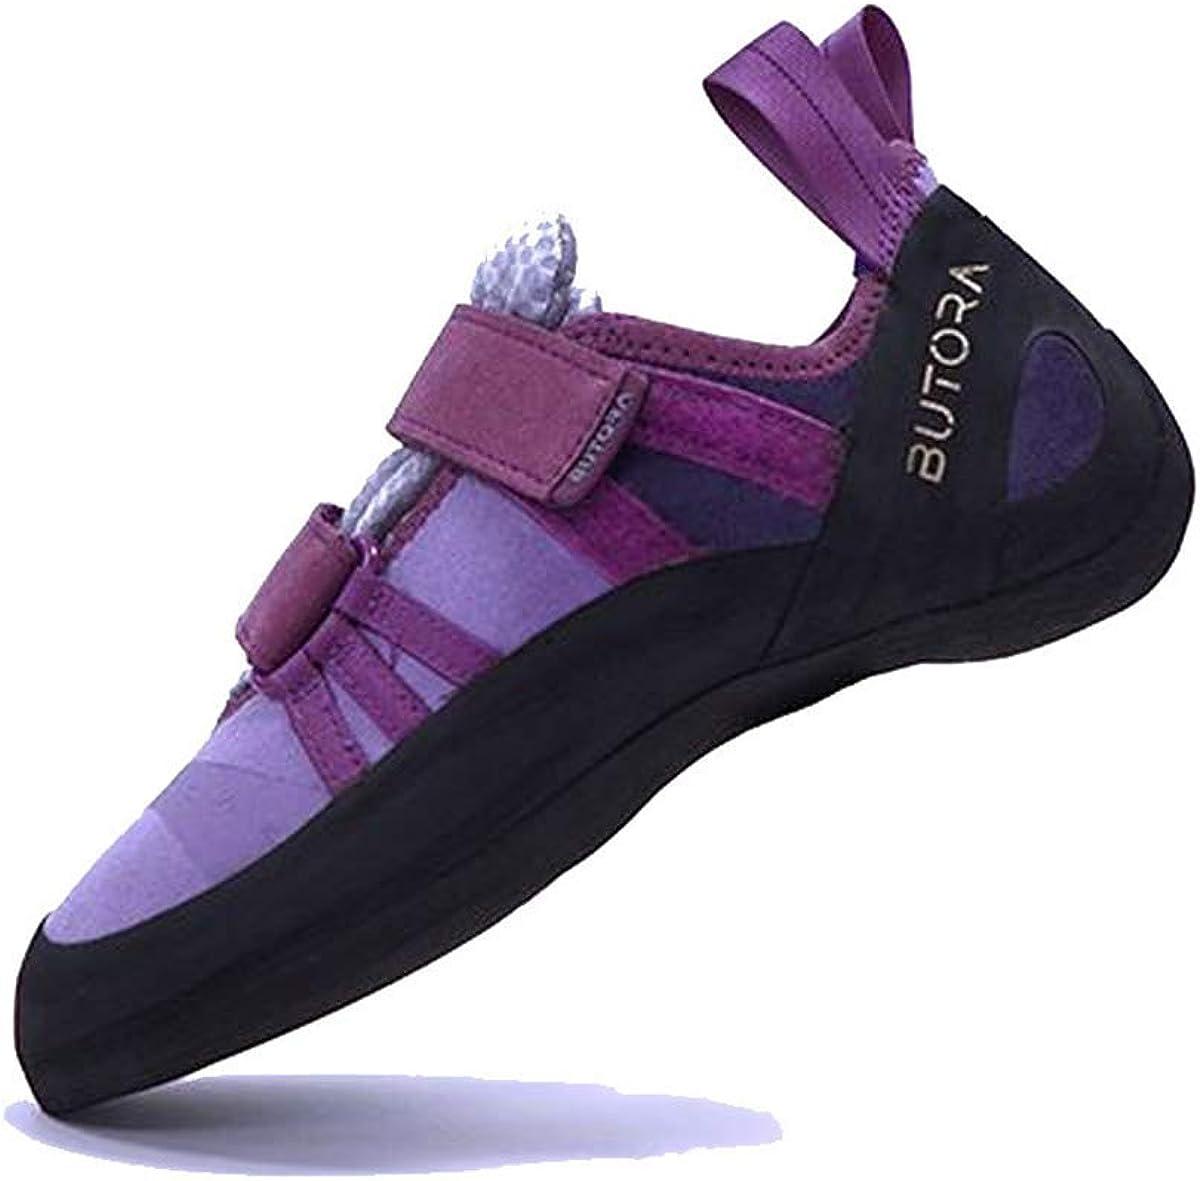 Butora Endeavor - Zapatillas de escalada ajustadas para mujer